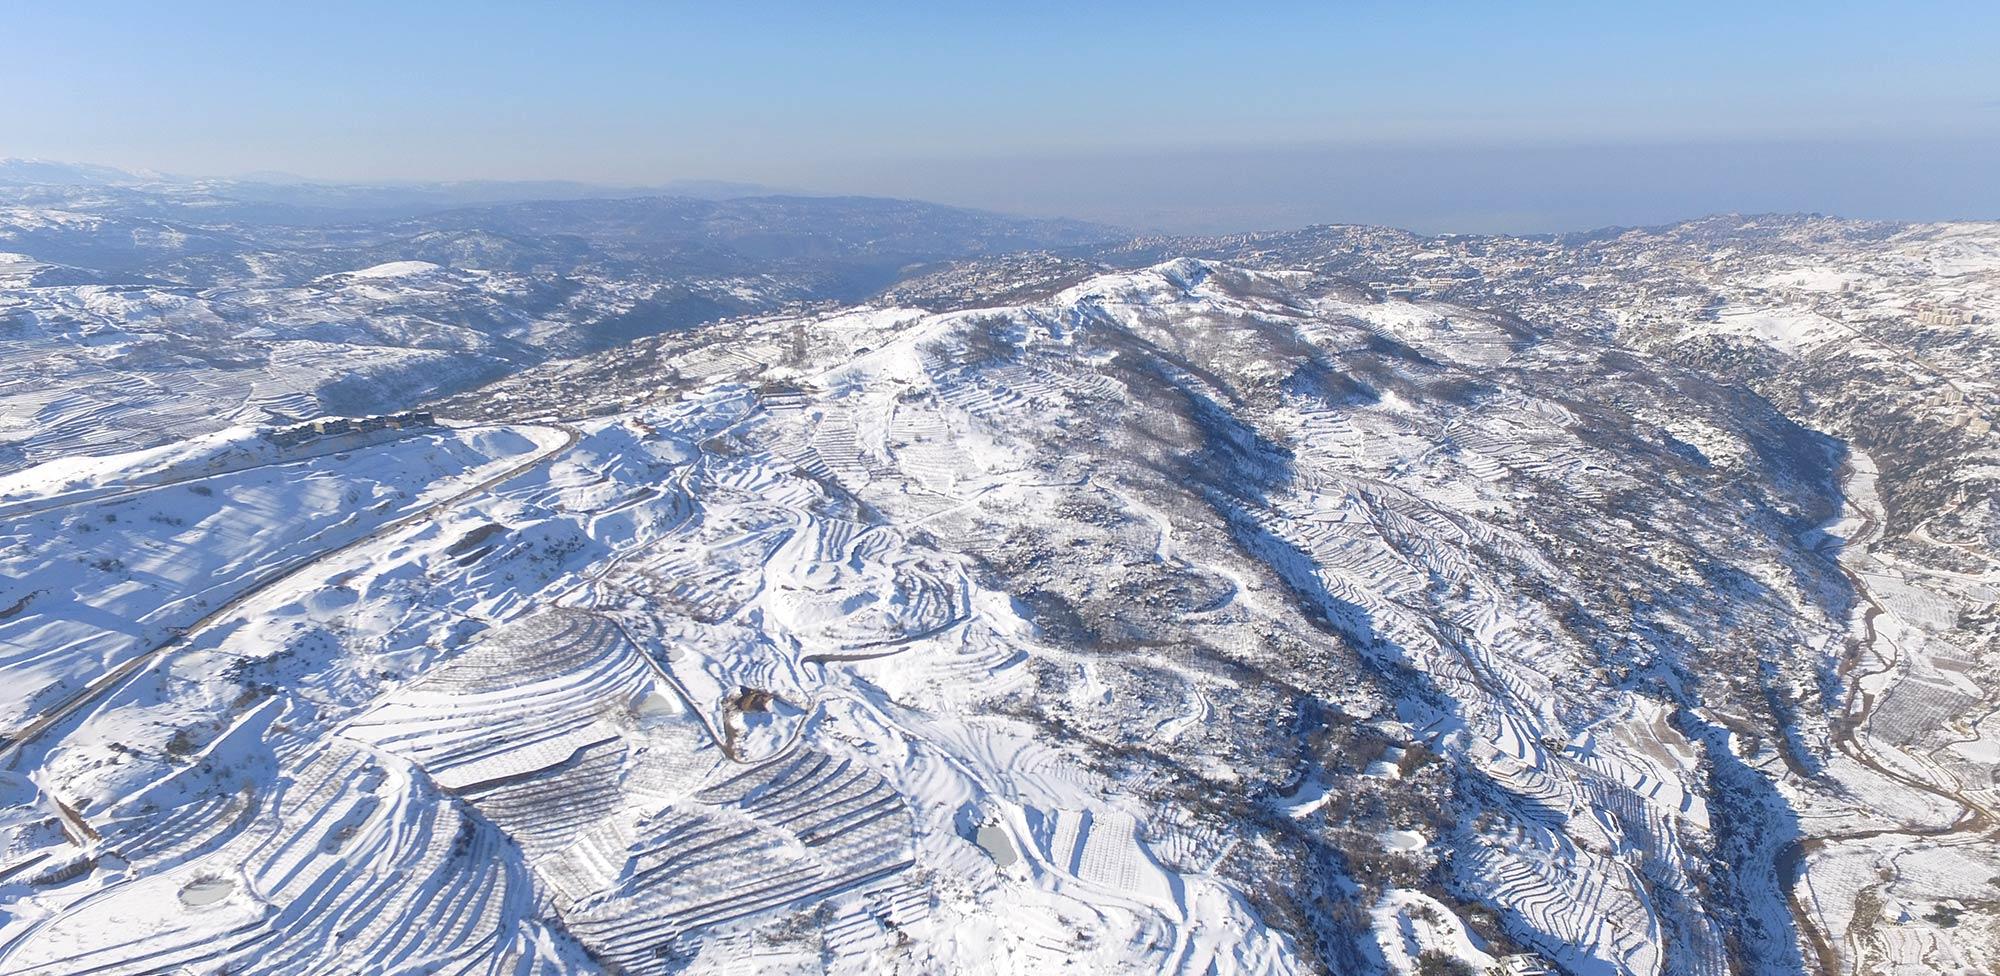 Winter-in-nature-in-Kfardebian2.jpg